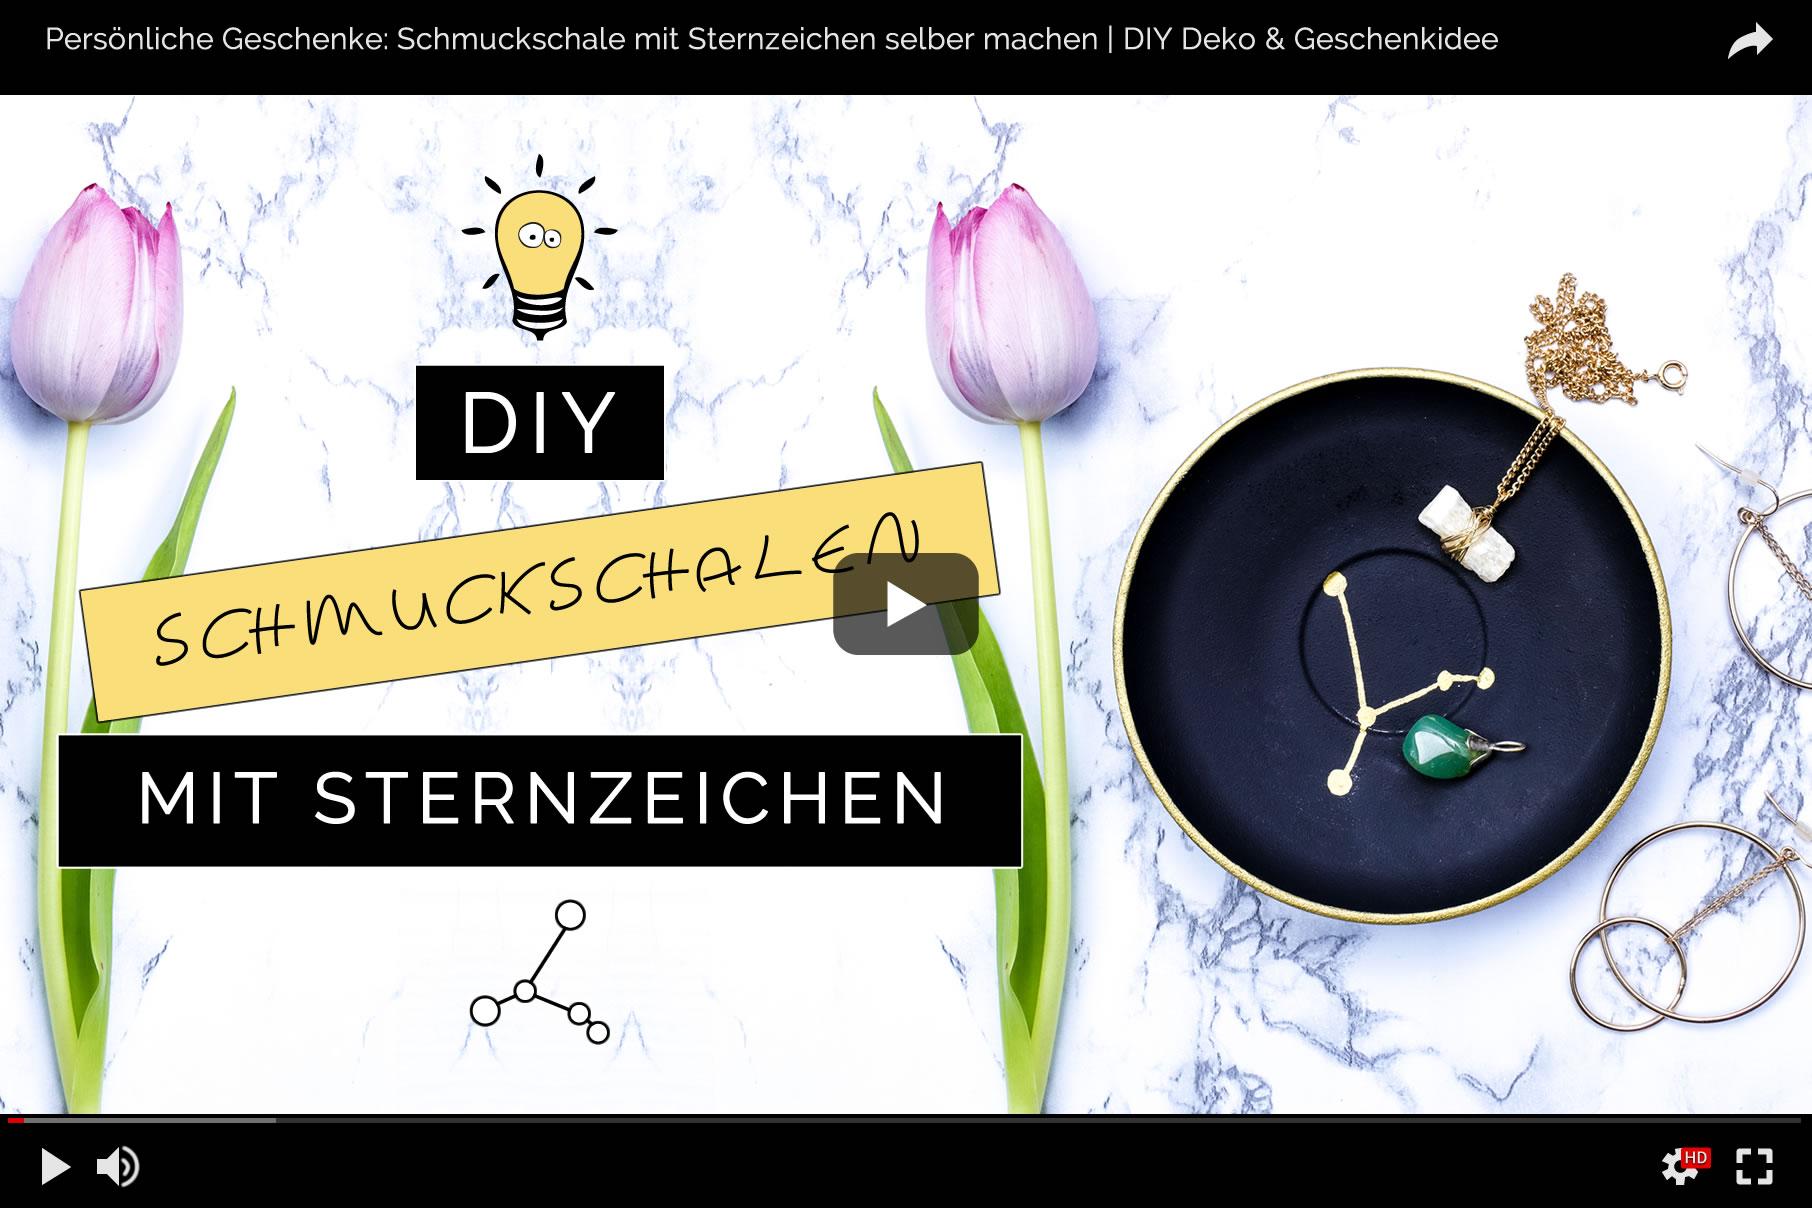 DIY Deko & Persönliche Geschenkidee: Schmuckschale mit Sternzeichen selber machen | Filizity.com | DIY-Blog aus dem Rheinland #sternzeichen #geschenkidee